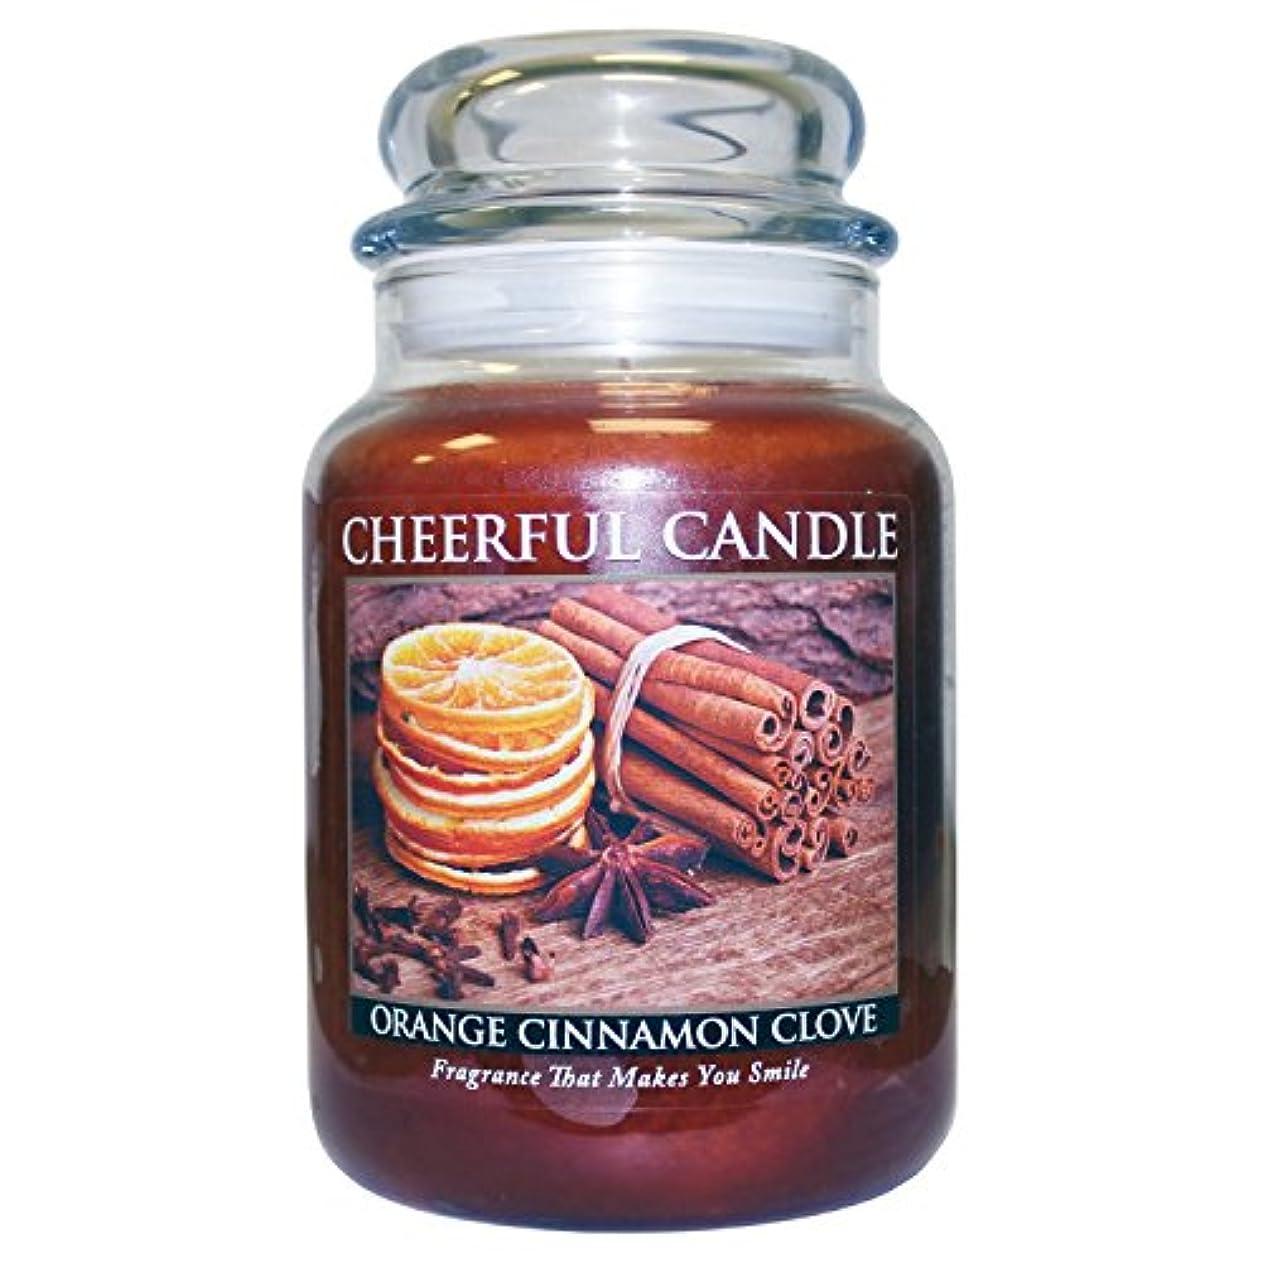 装置豚朝A Cheerful Giver Orange Cinnamon Clove Jar Candle, 24-Ounce by Cheerful Giver [並行輸入品]